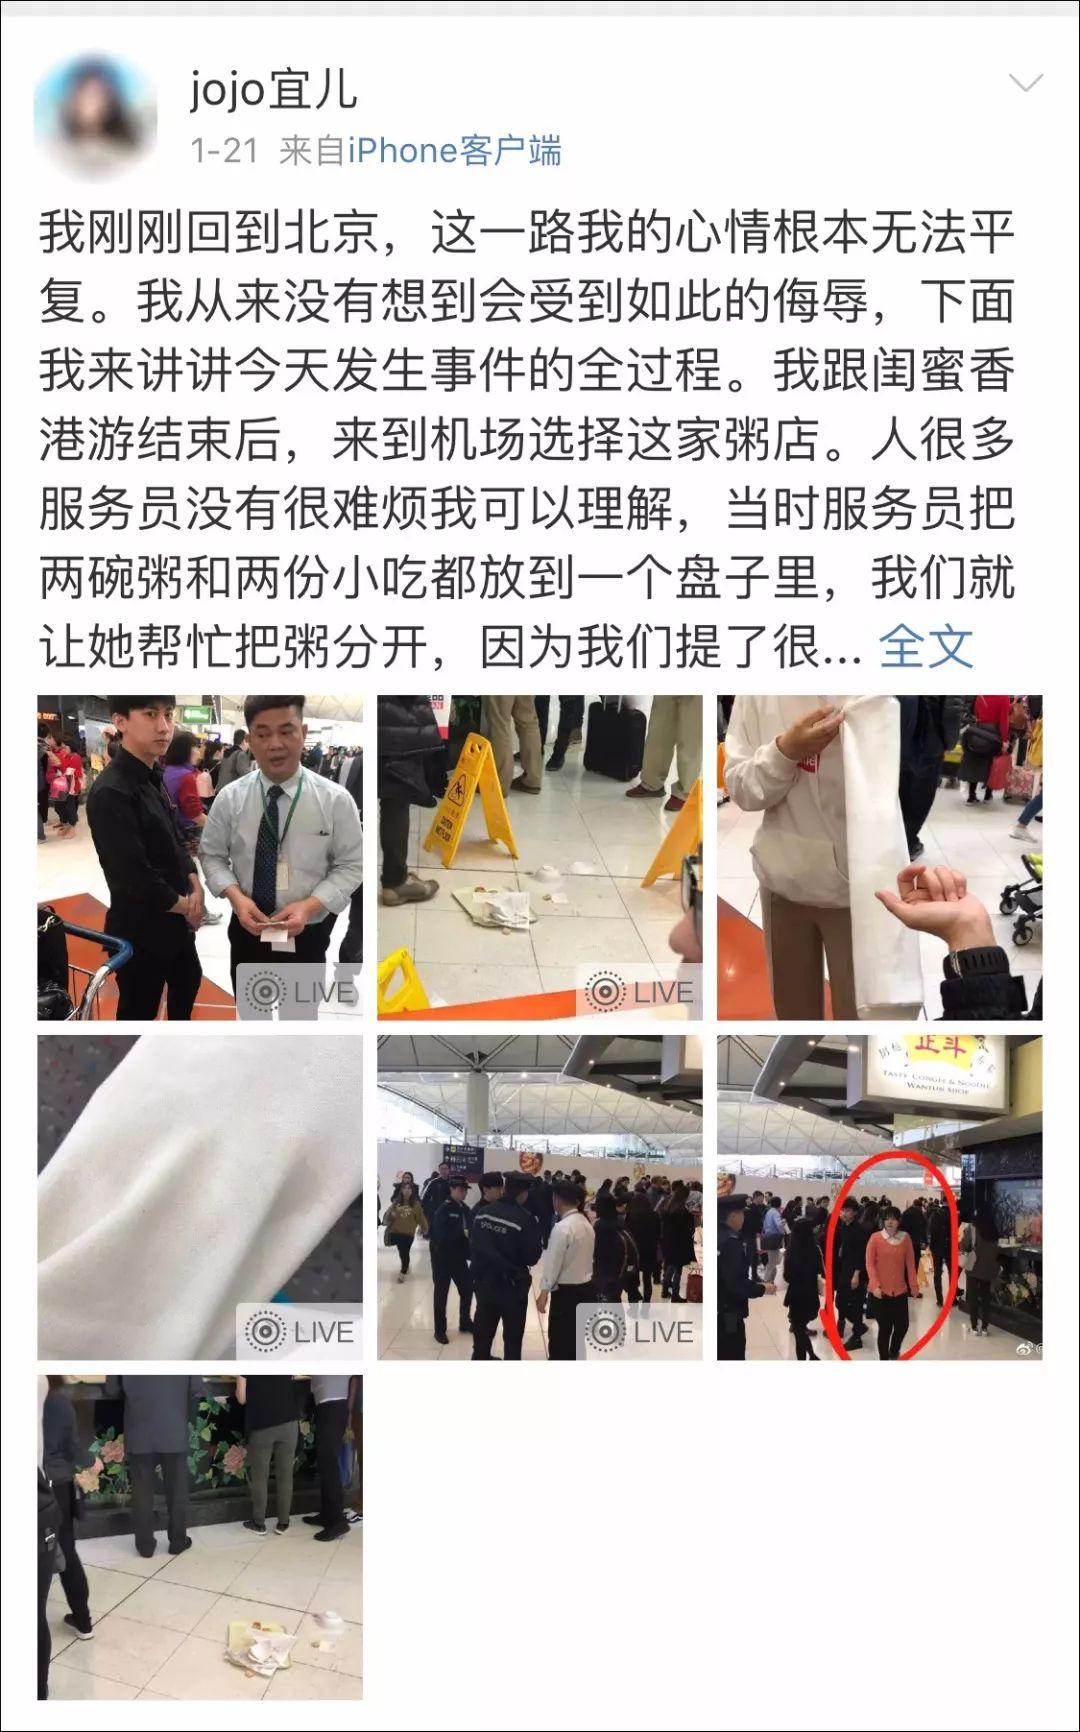 【怎么回事】内地女生称在香港机场遭泼粥:受不了被骂娘,在哪儿都一样|香港机场|违